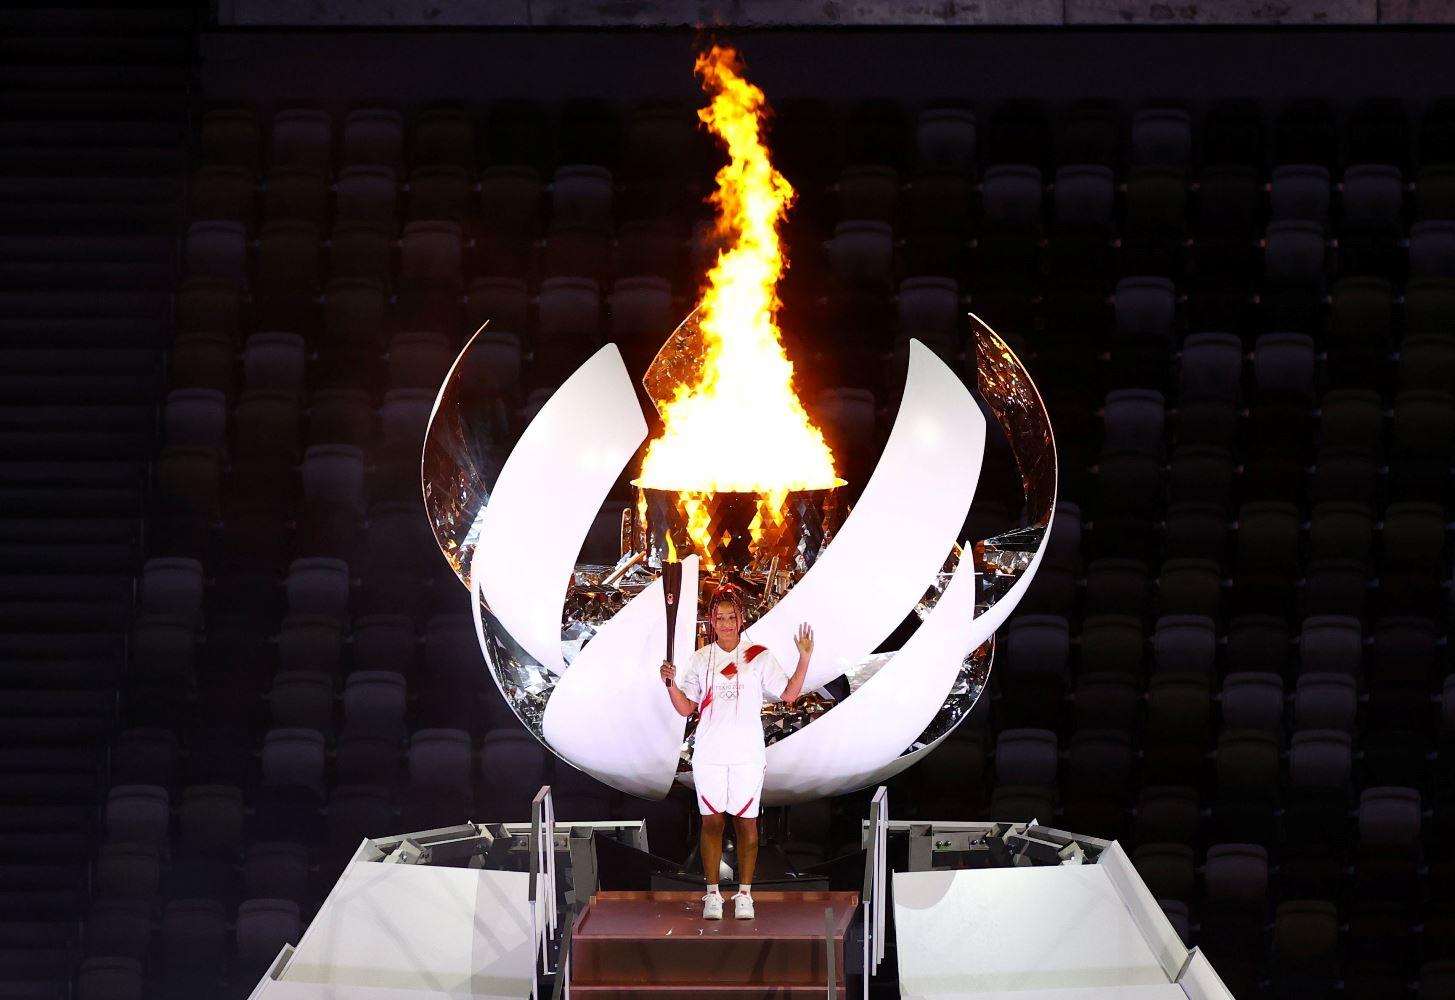 身为最后一棒的网球明星大阪直美,点燃以富士山为设计灵感的火炬台,也宣告东京奥运会正式掀开序幕!-路透社-